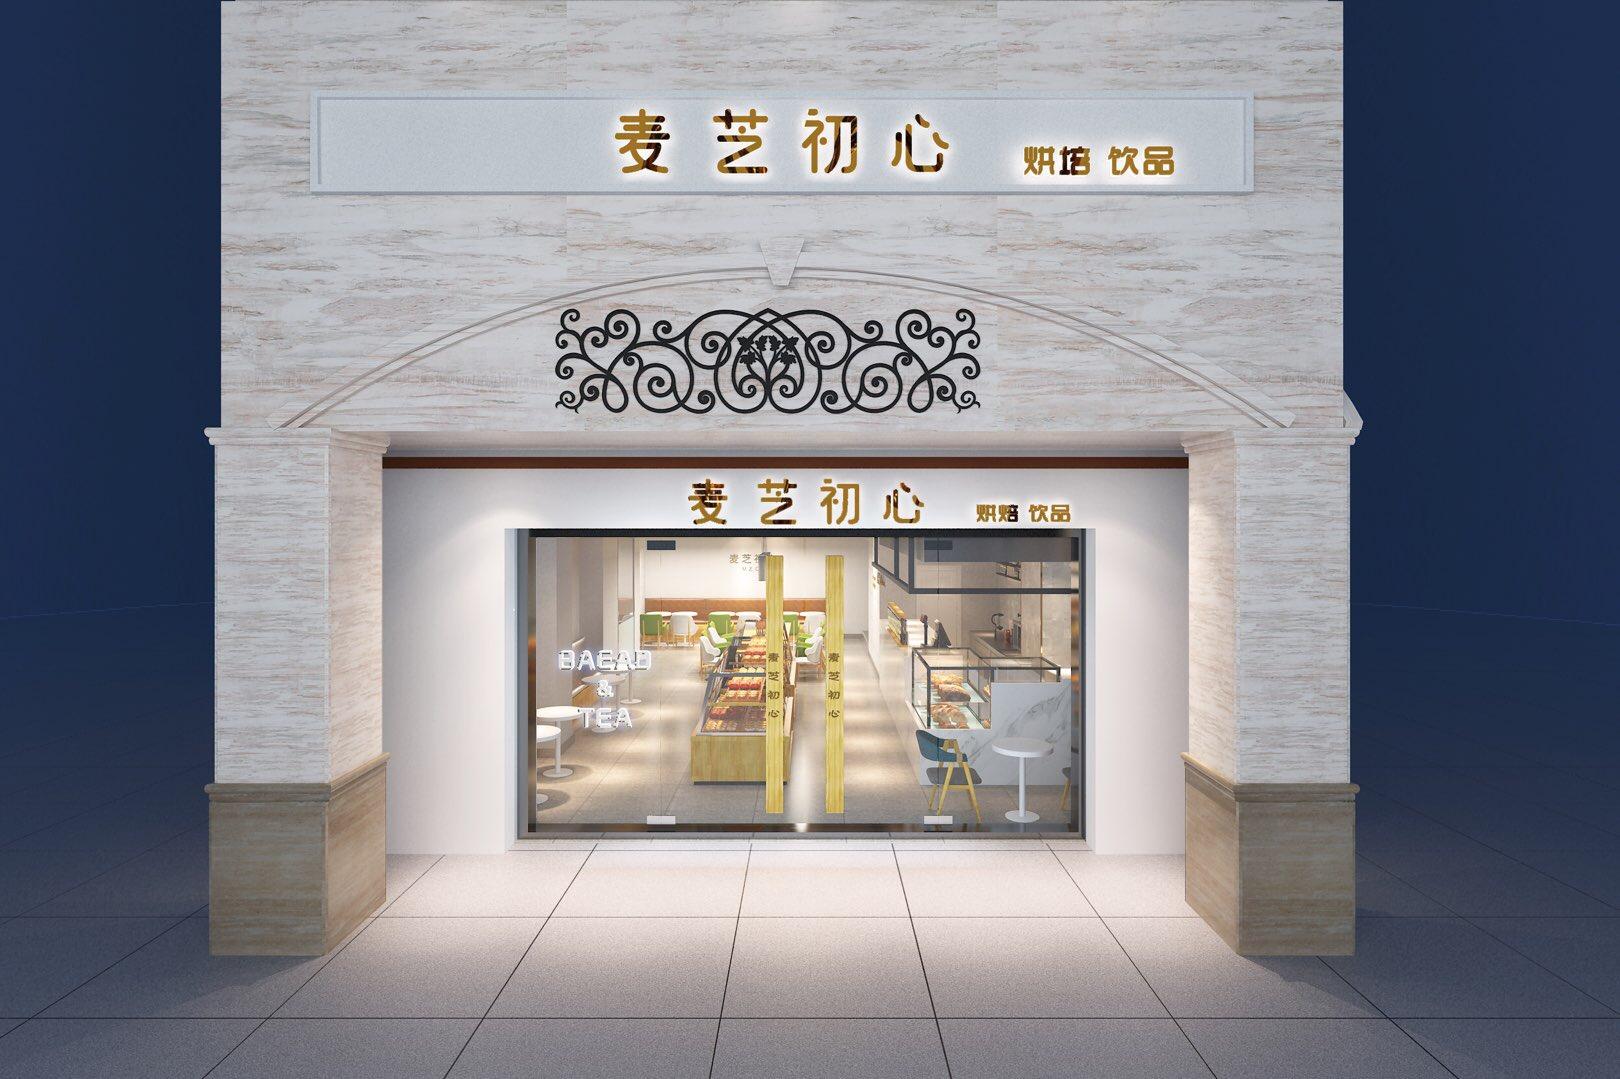 南山烘焙坊/奶茶店装修设计定位很重要